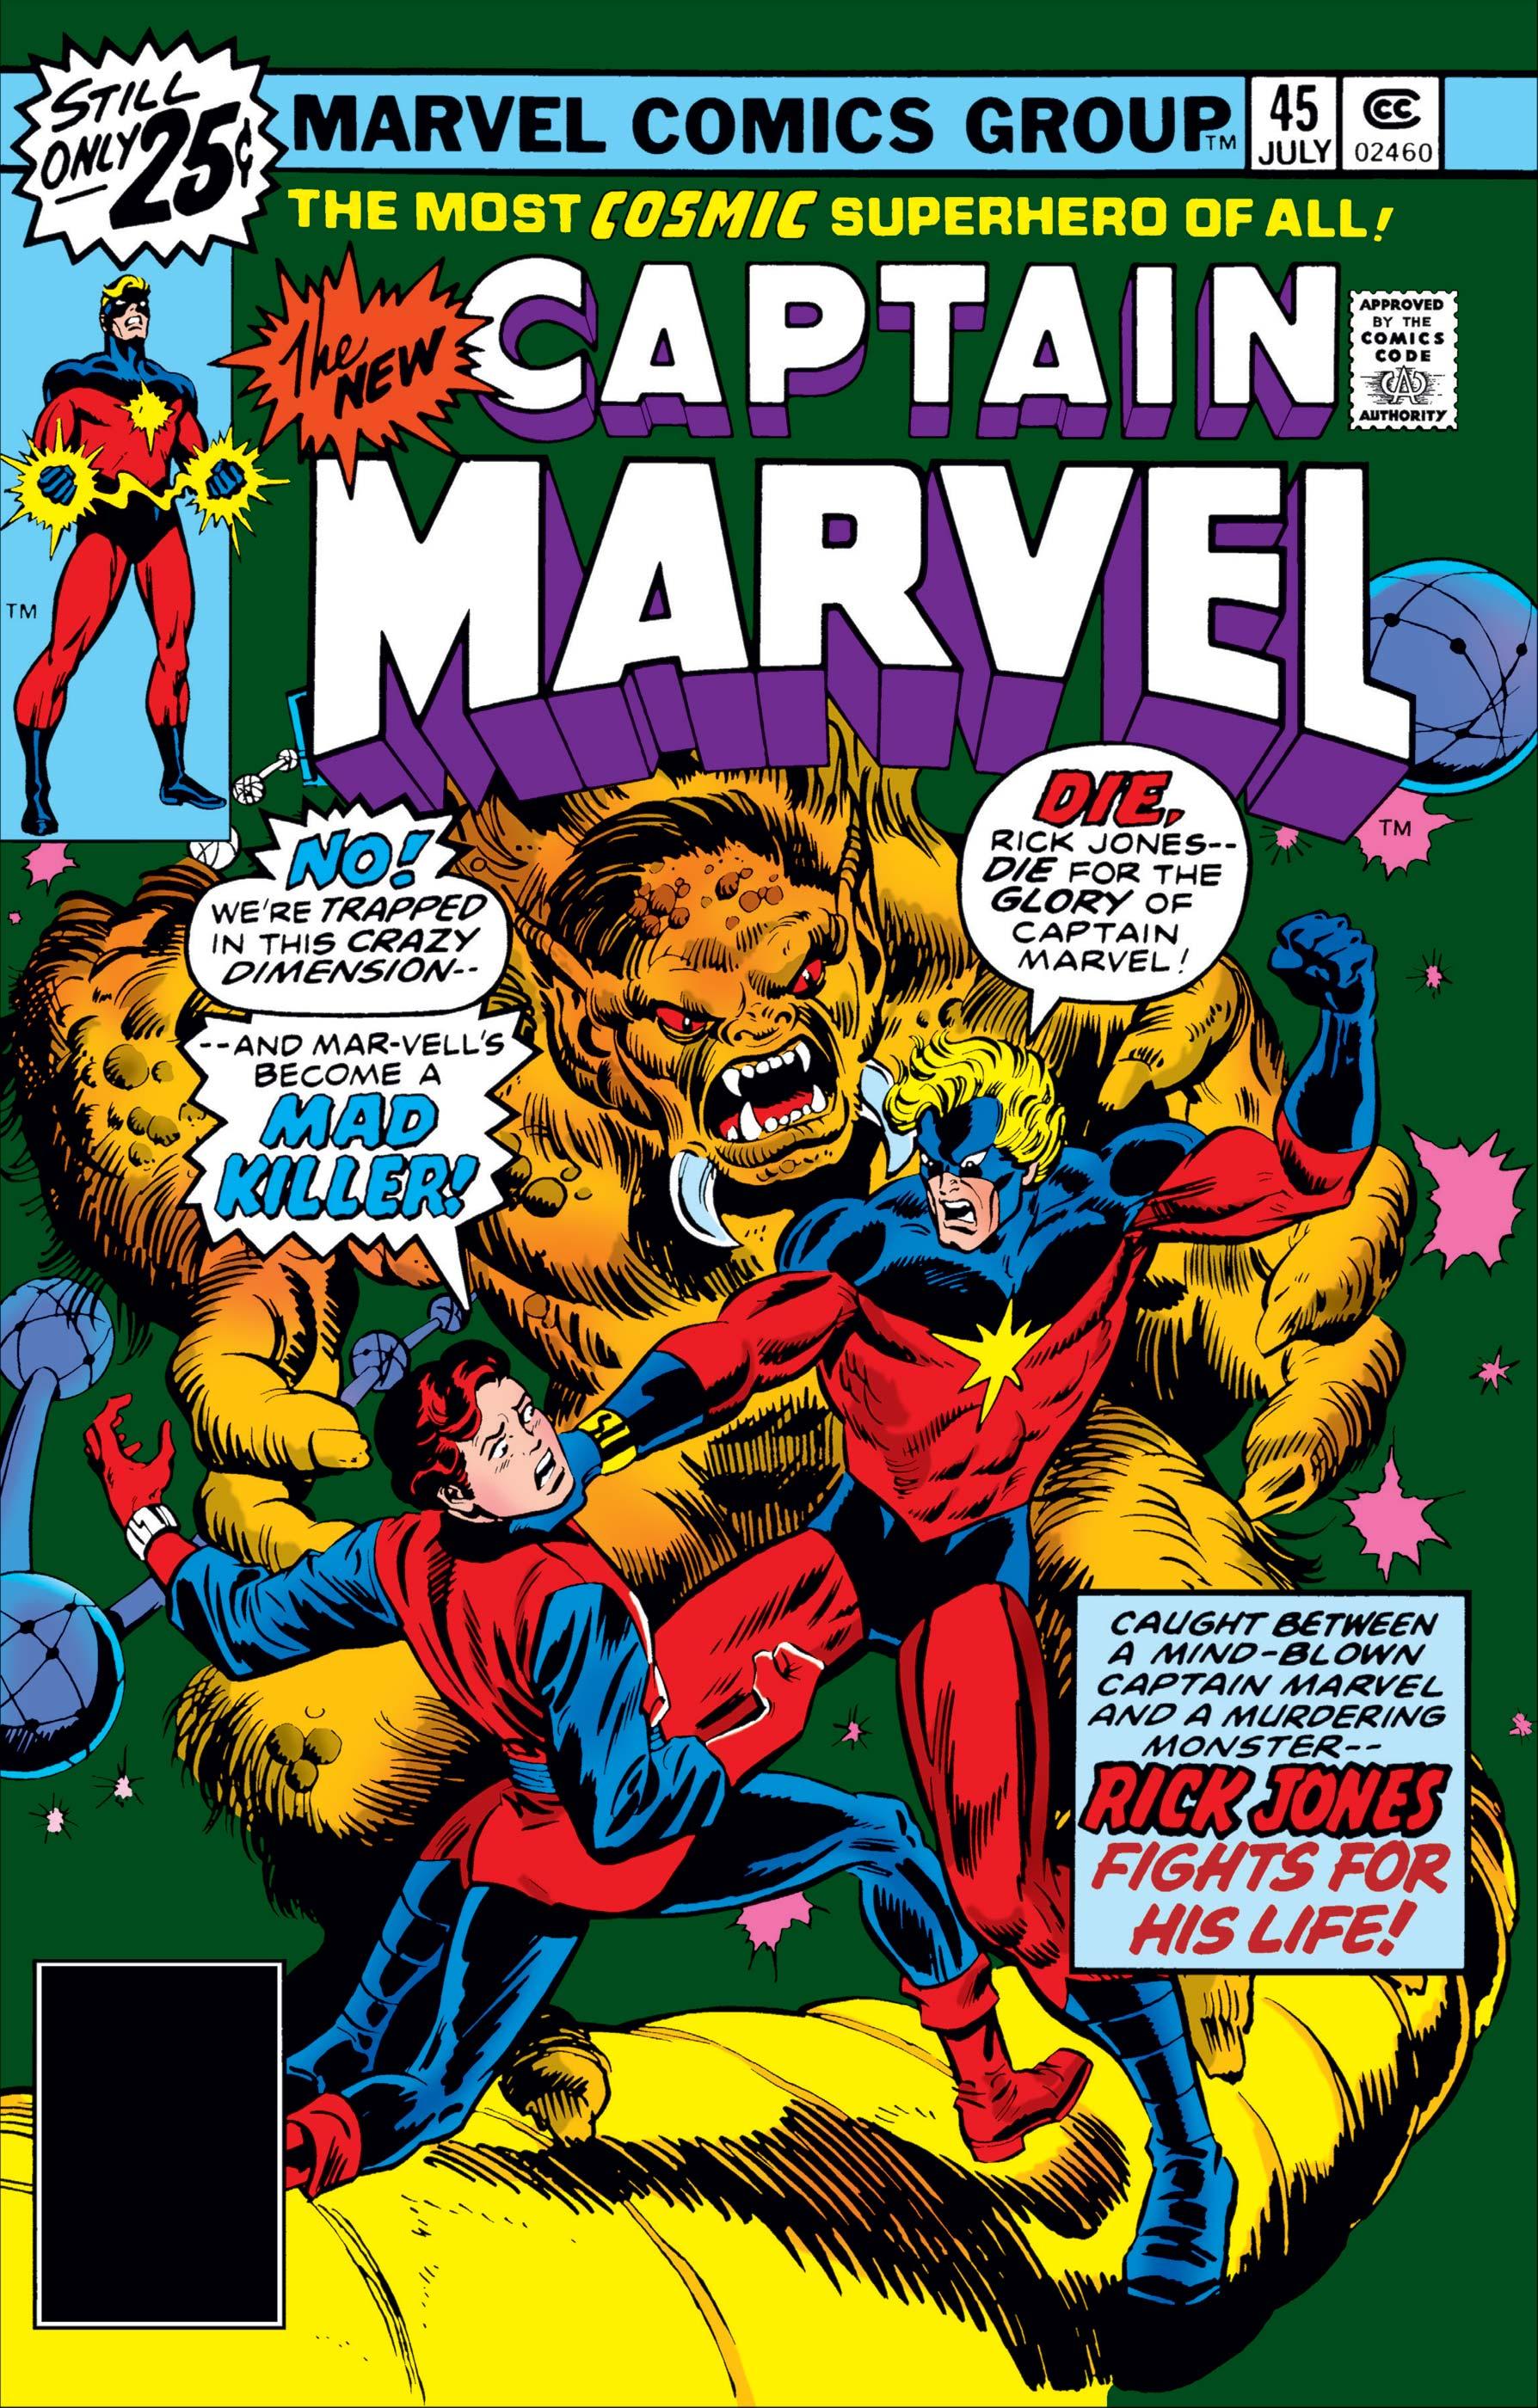 Captain Marvel (1968) #45